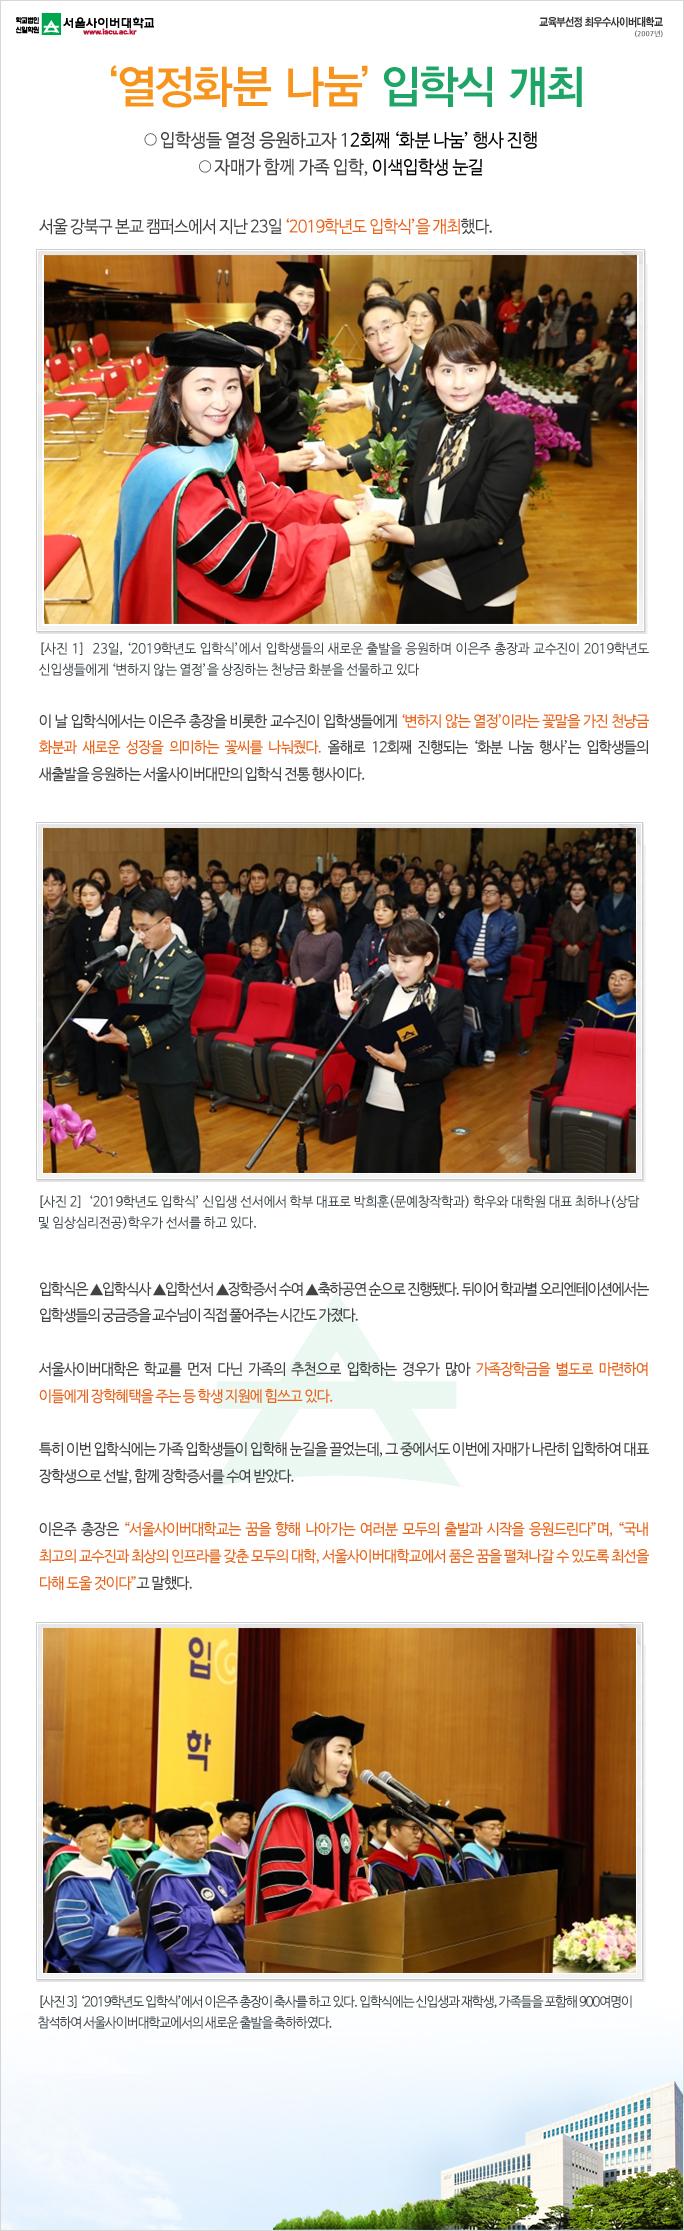 열정화분 나눔 입학식 개최